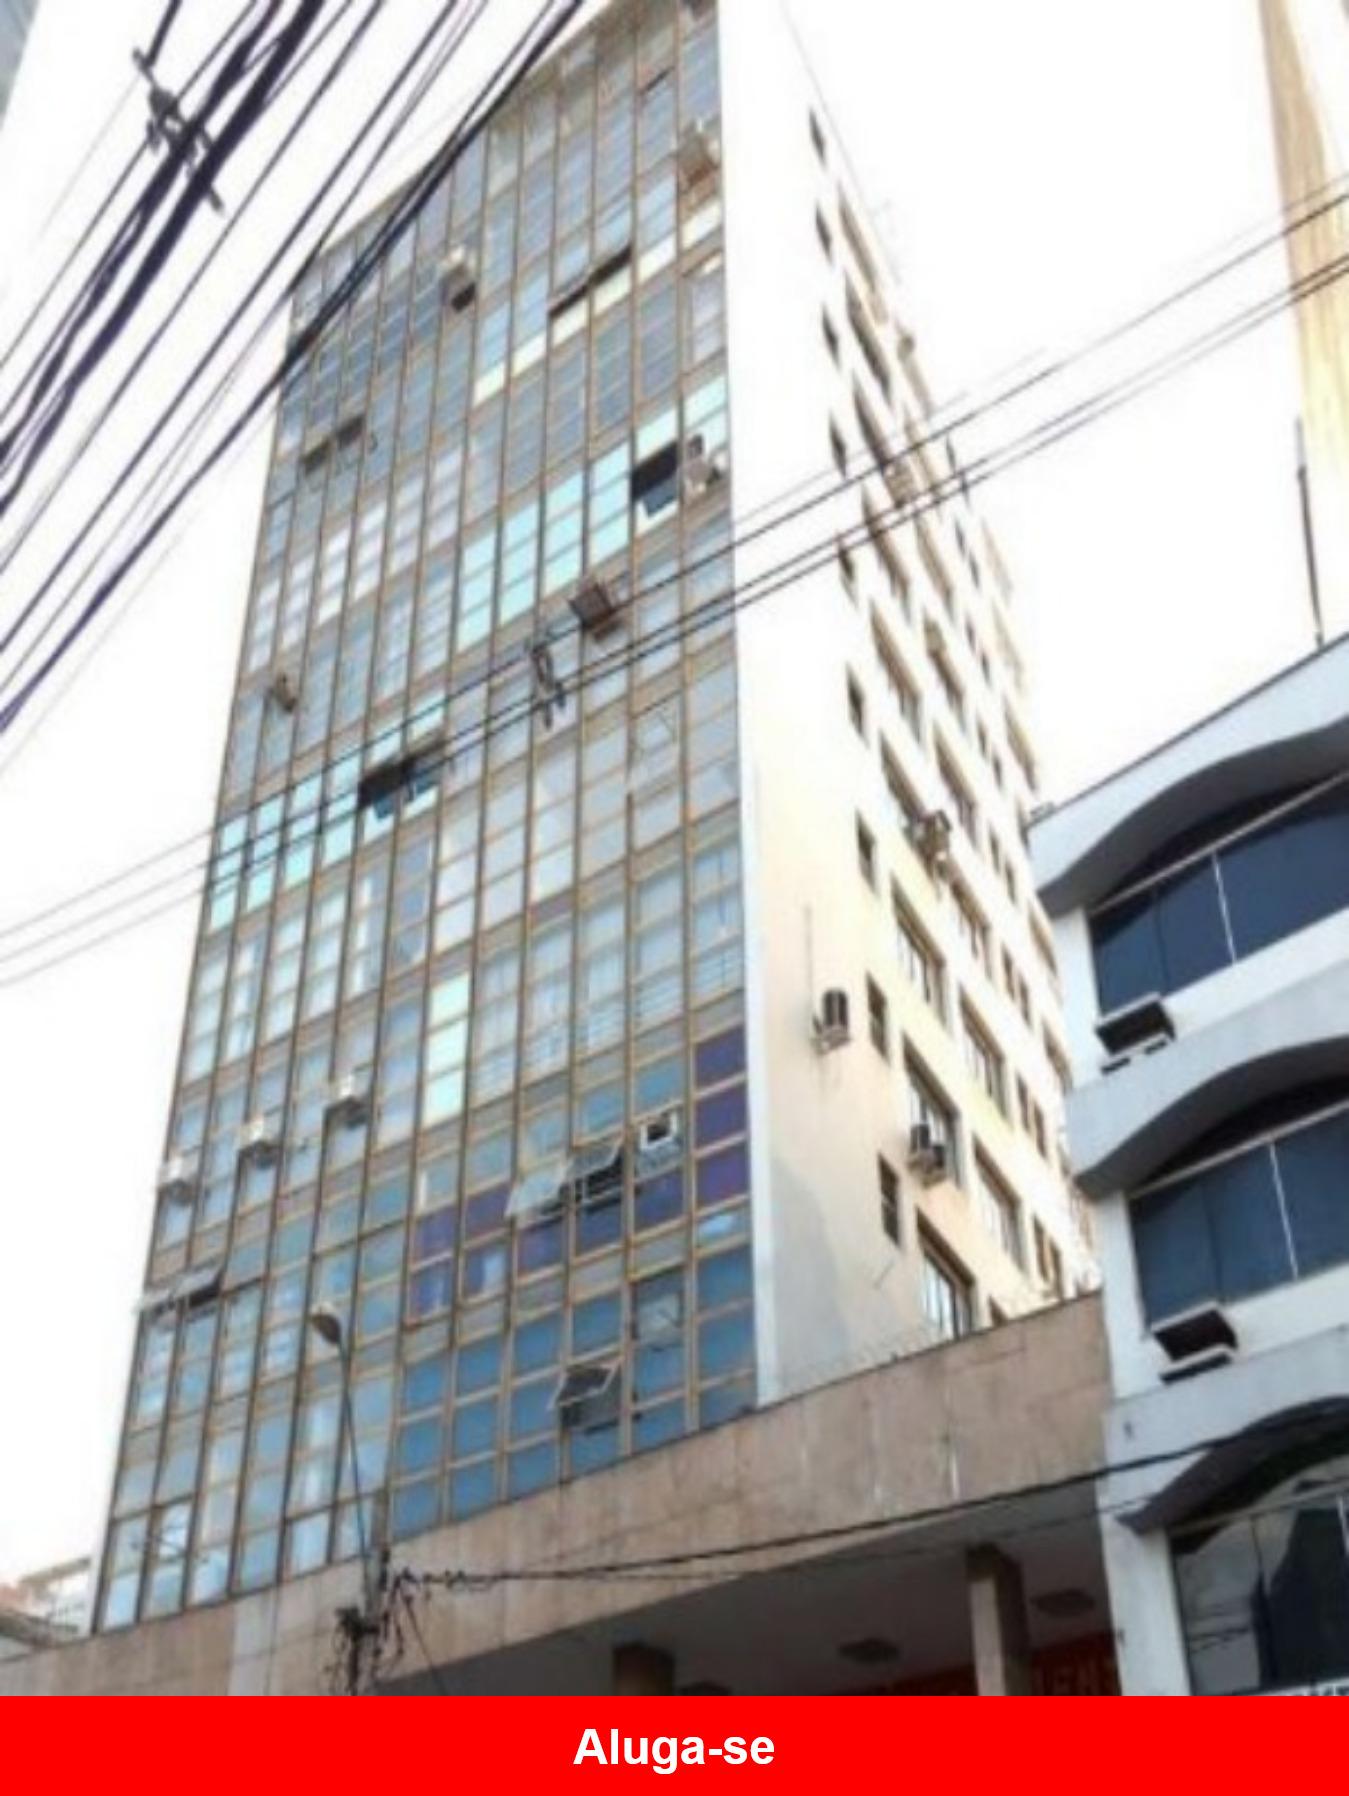 Aluga-se Sala Comercial no Centro, Sorocaba - SP